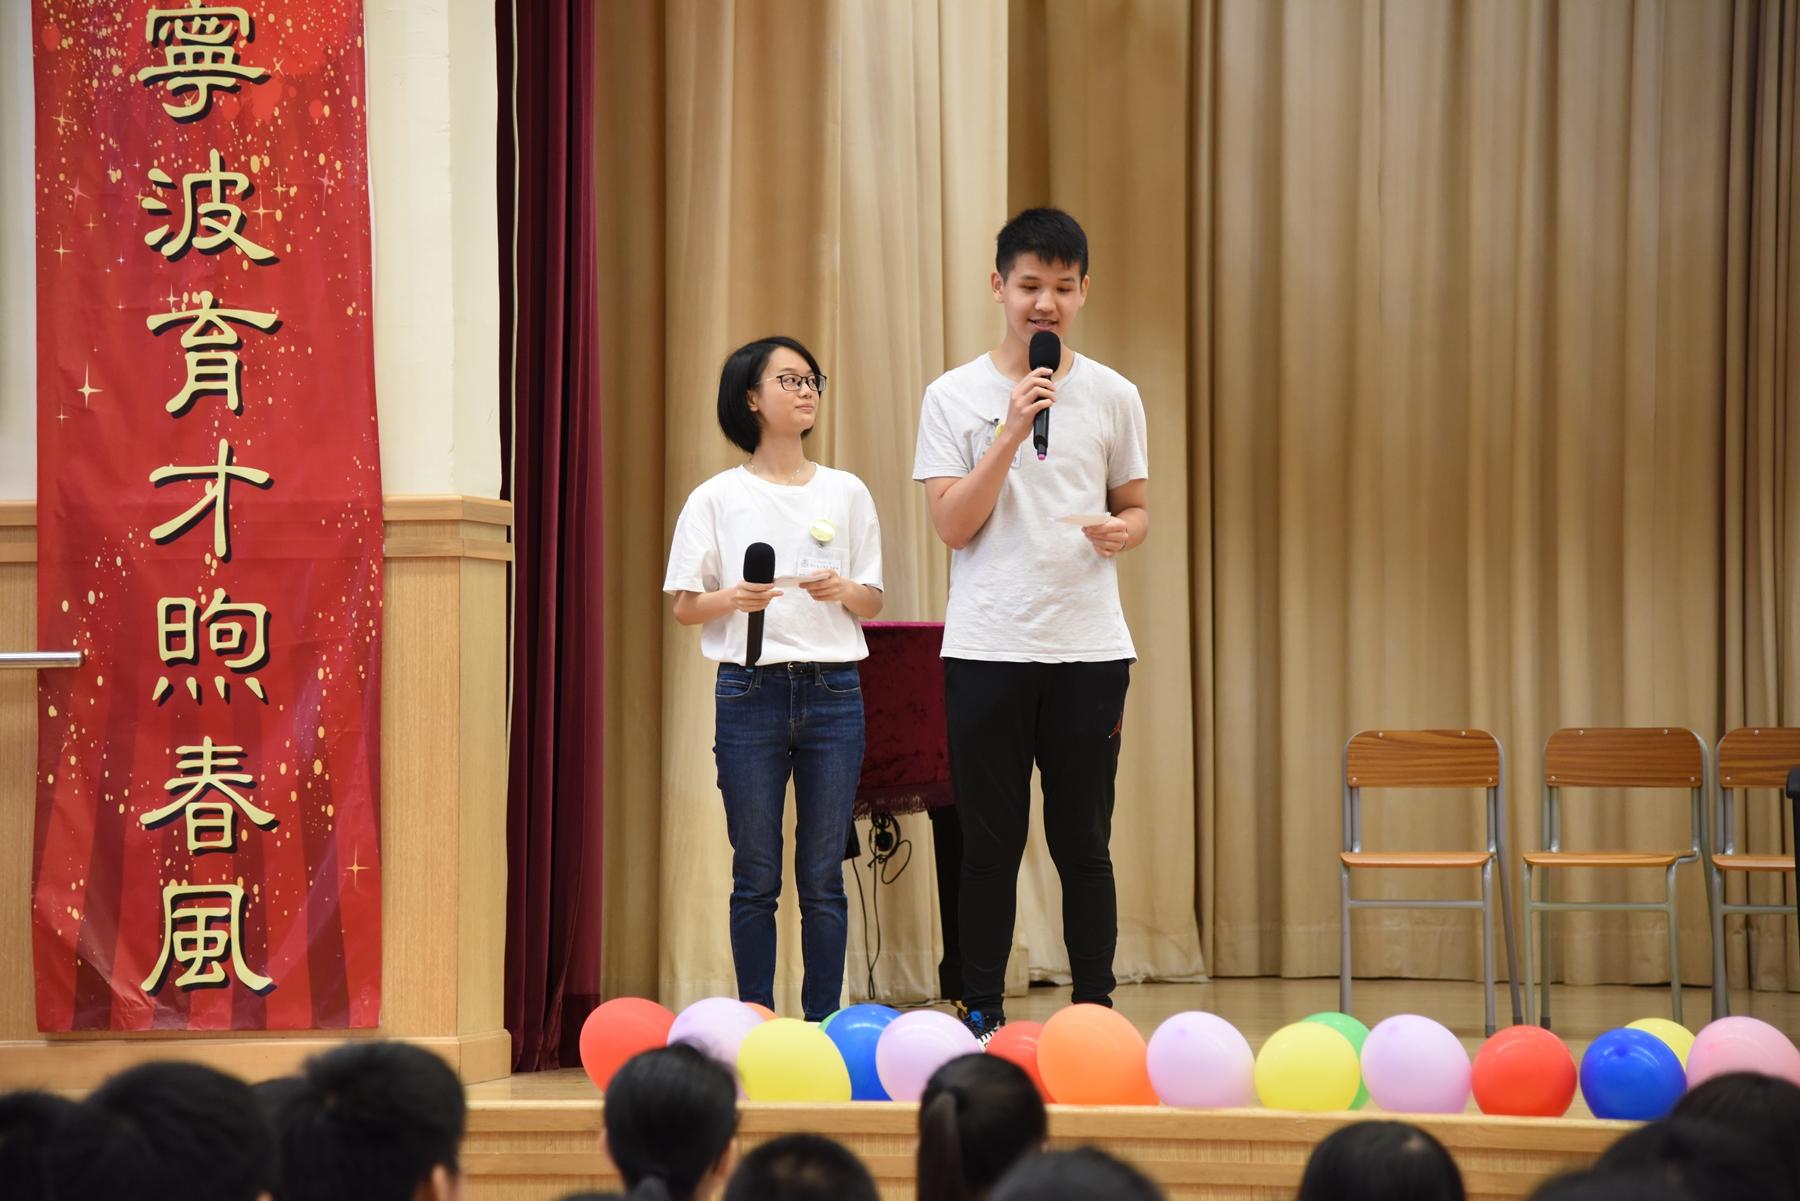 https://www.npc.edu.hk/sites/default/files/dsc_4857.jpg